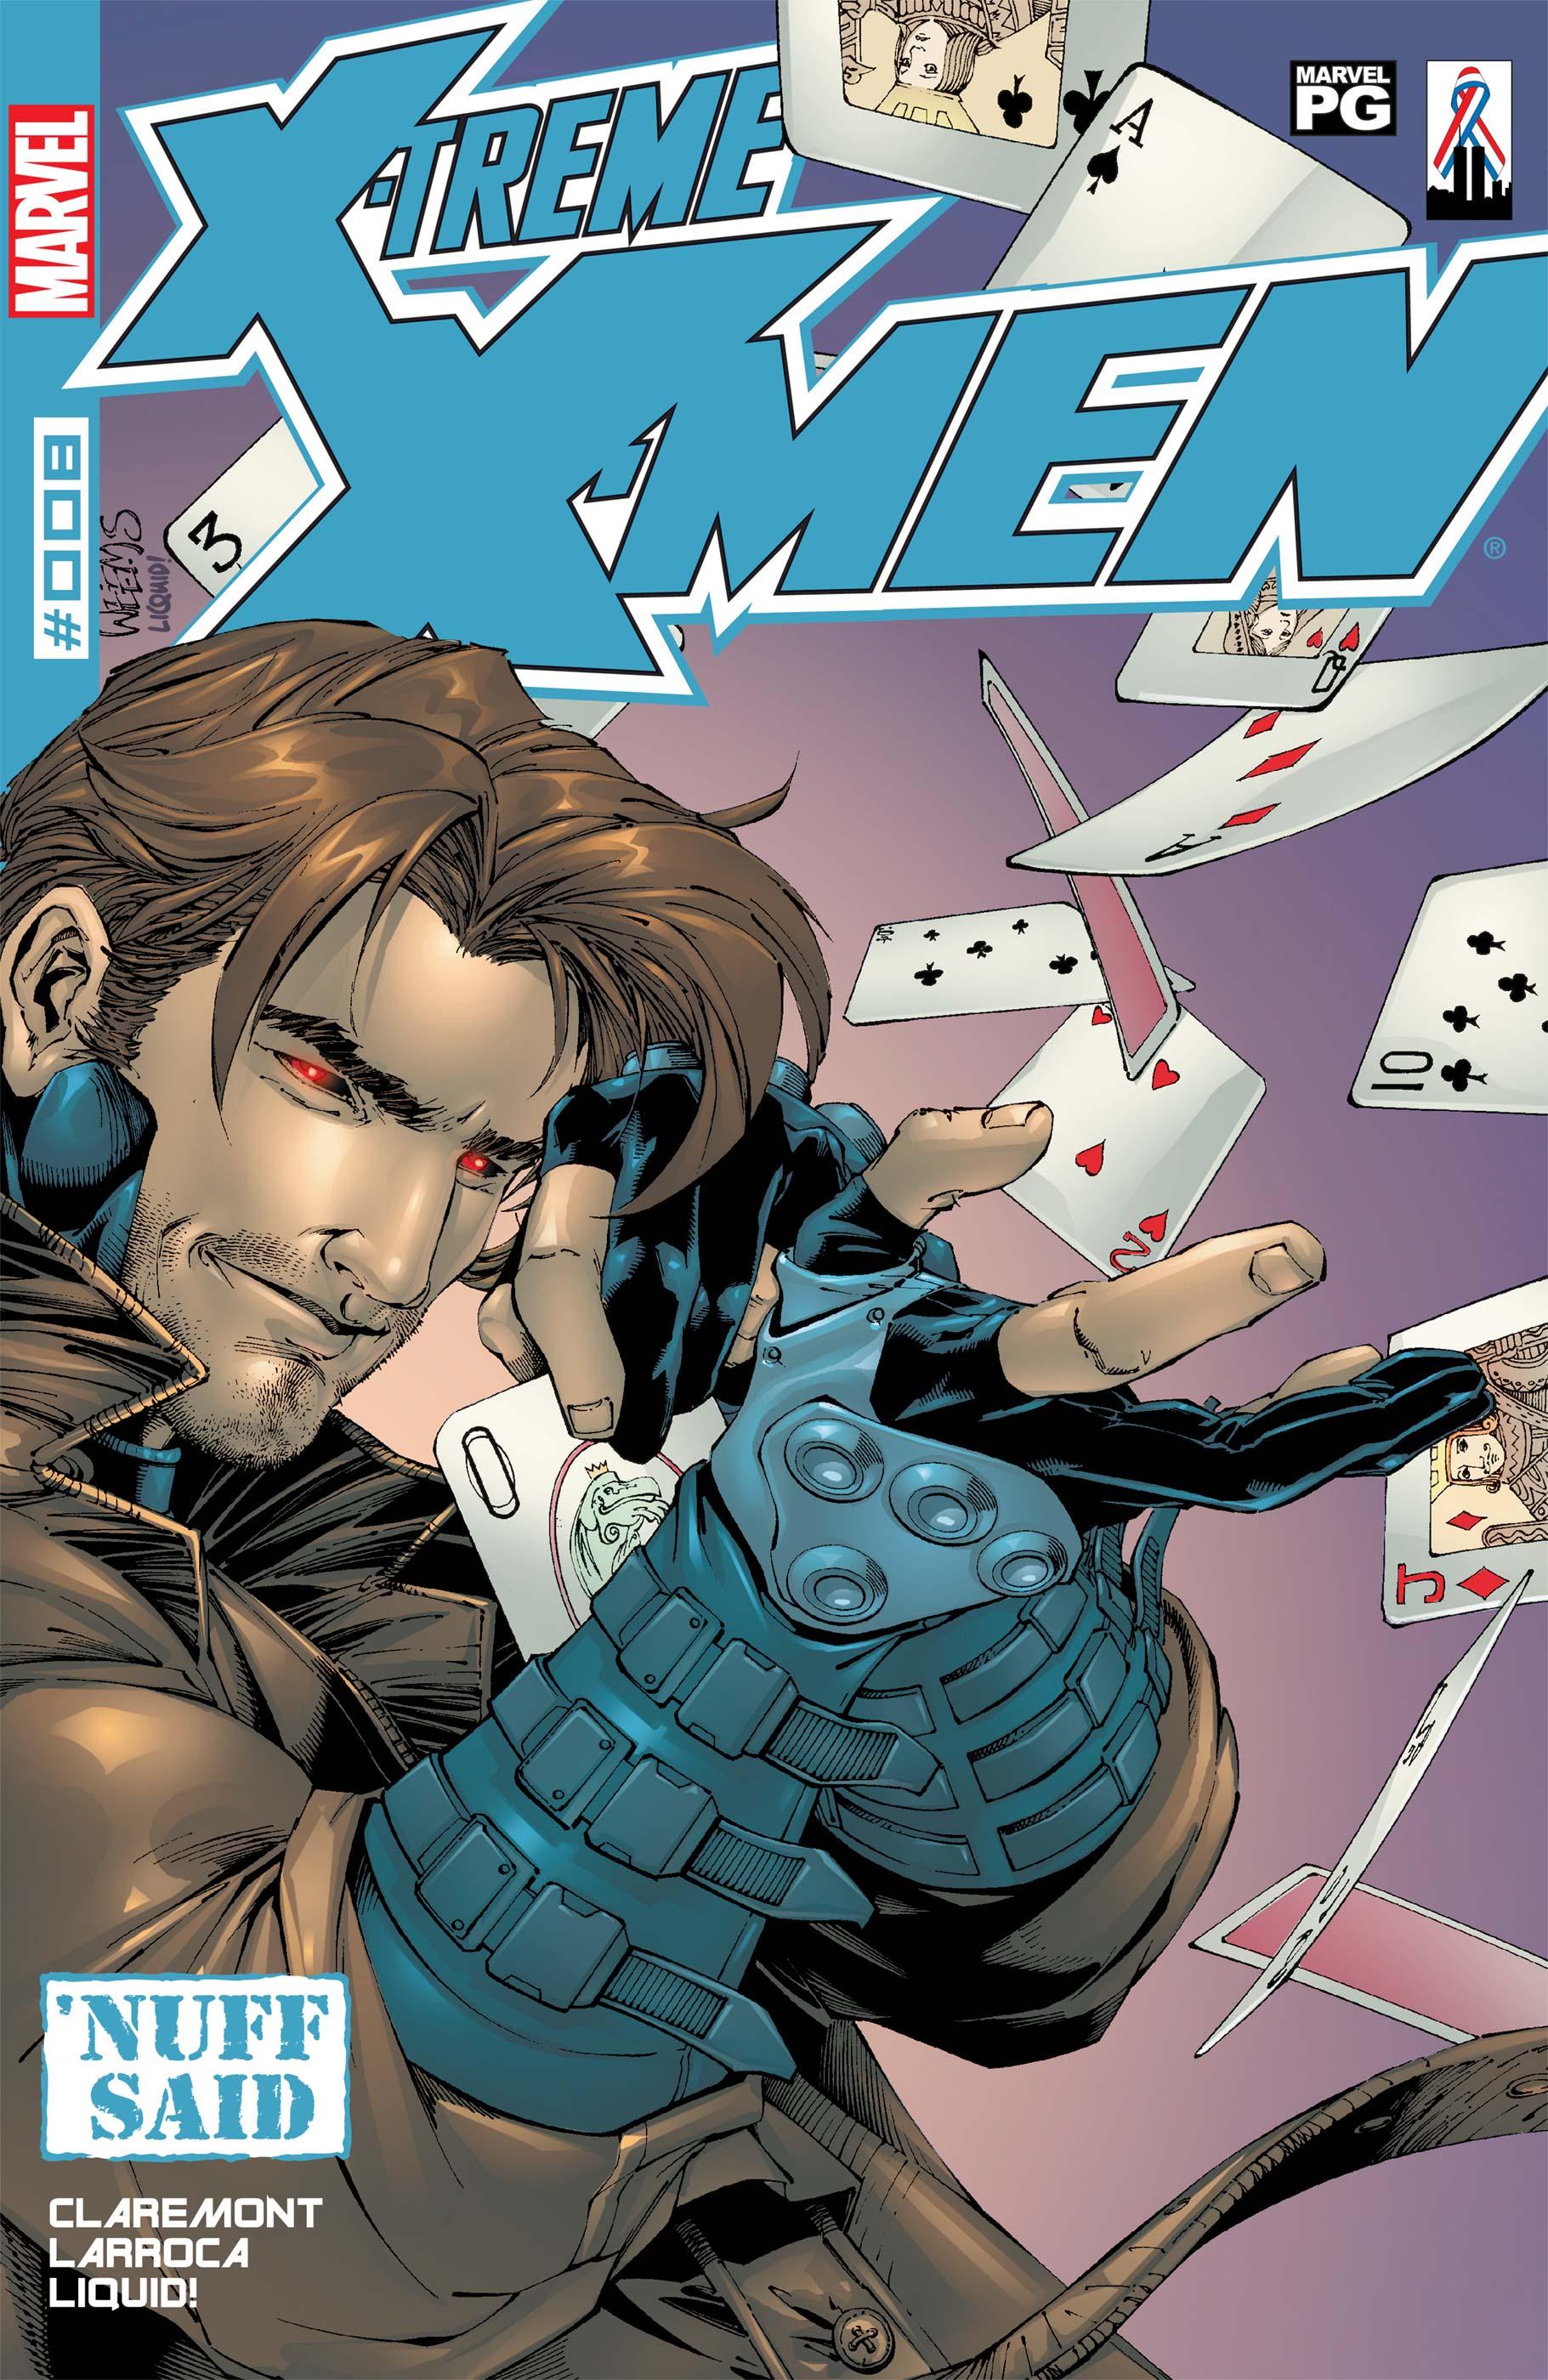 X-Treme X-Men (2001) #8